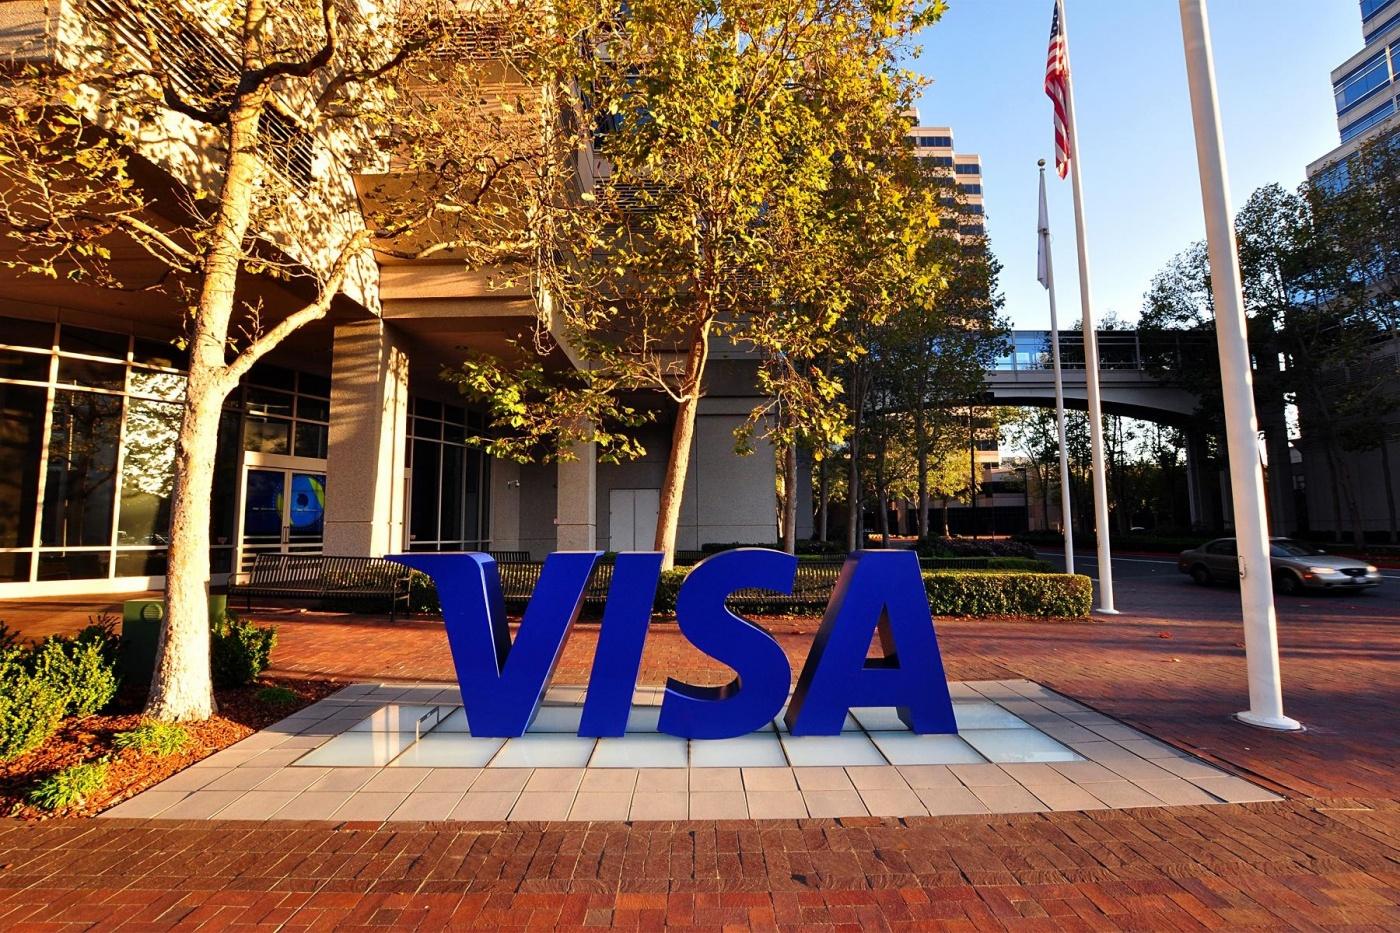 加入臉書幣Libra,對支付巨頭VISA來說是敵人還是朋友?